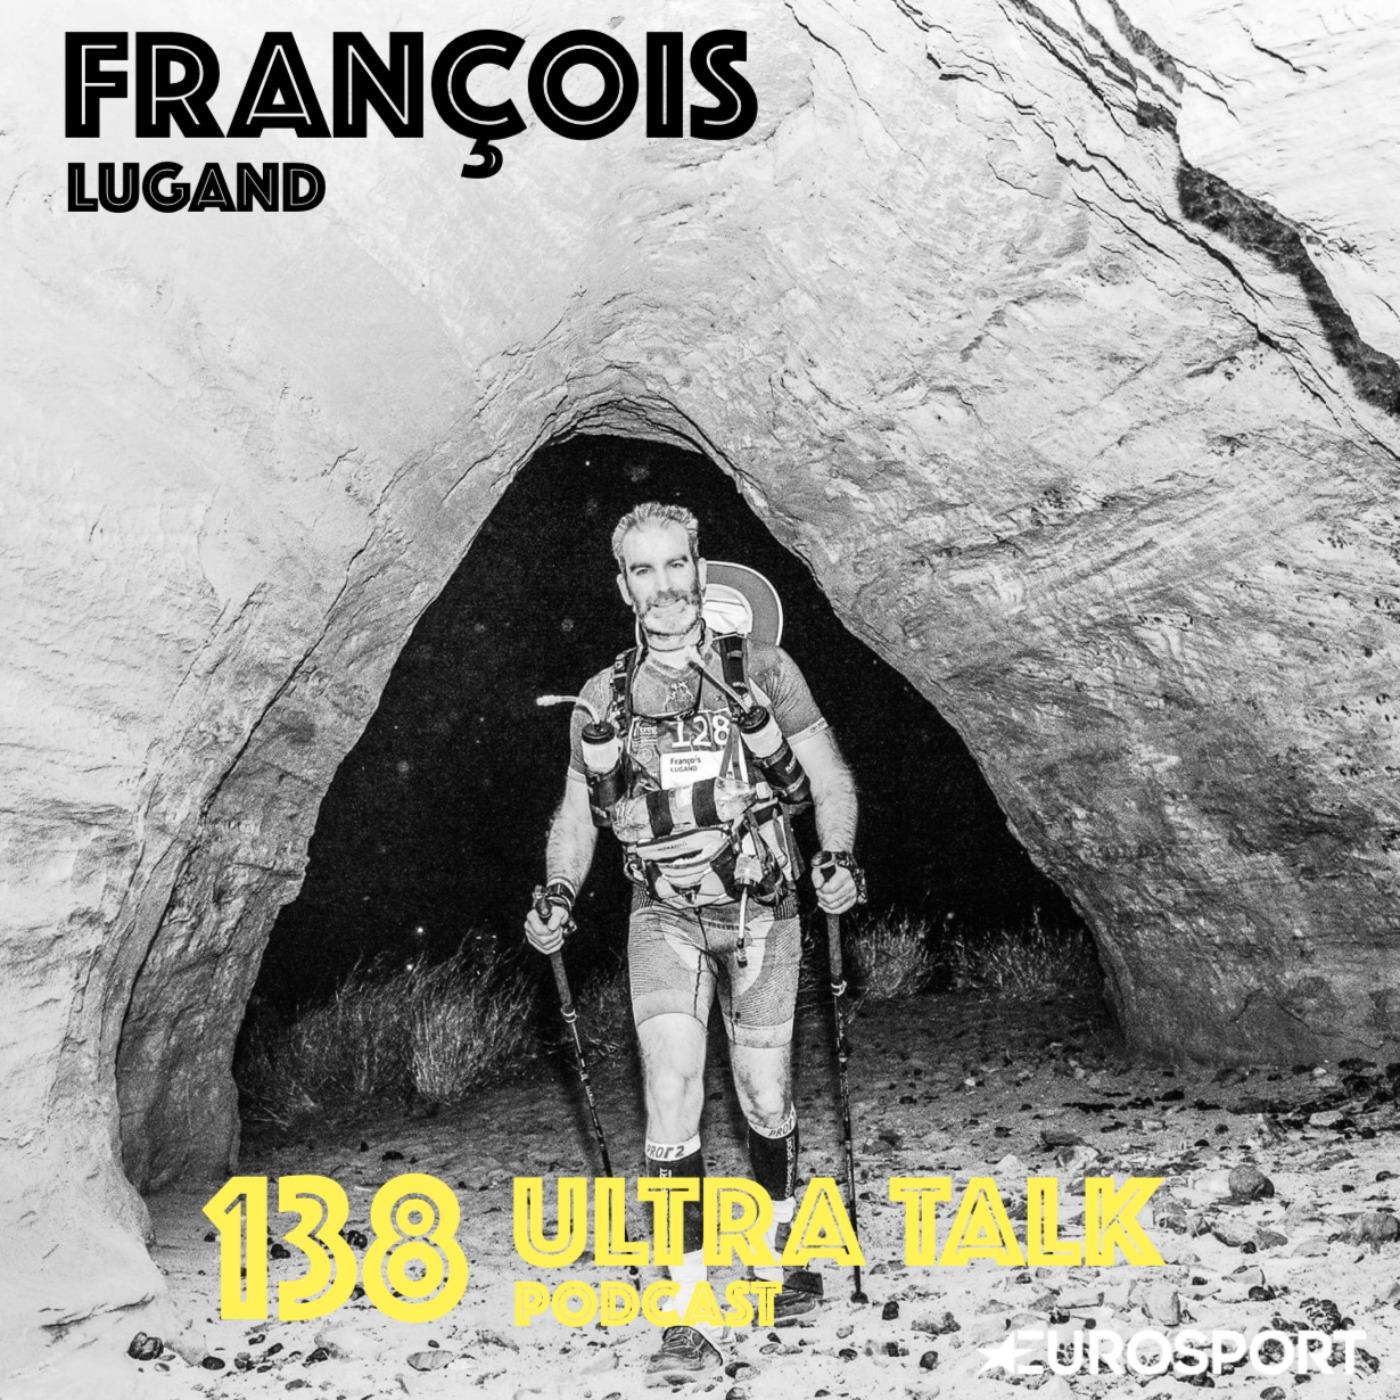 """François Lugand : """"Quand j'ai su que j'allais faire l'UTMP, je me suis dit : 'il faut que je m'y mette un petit peu !'"""""""